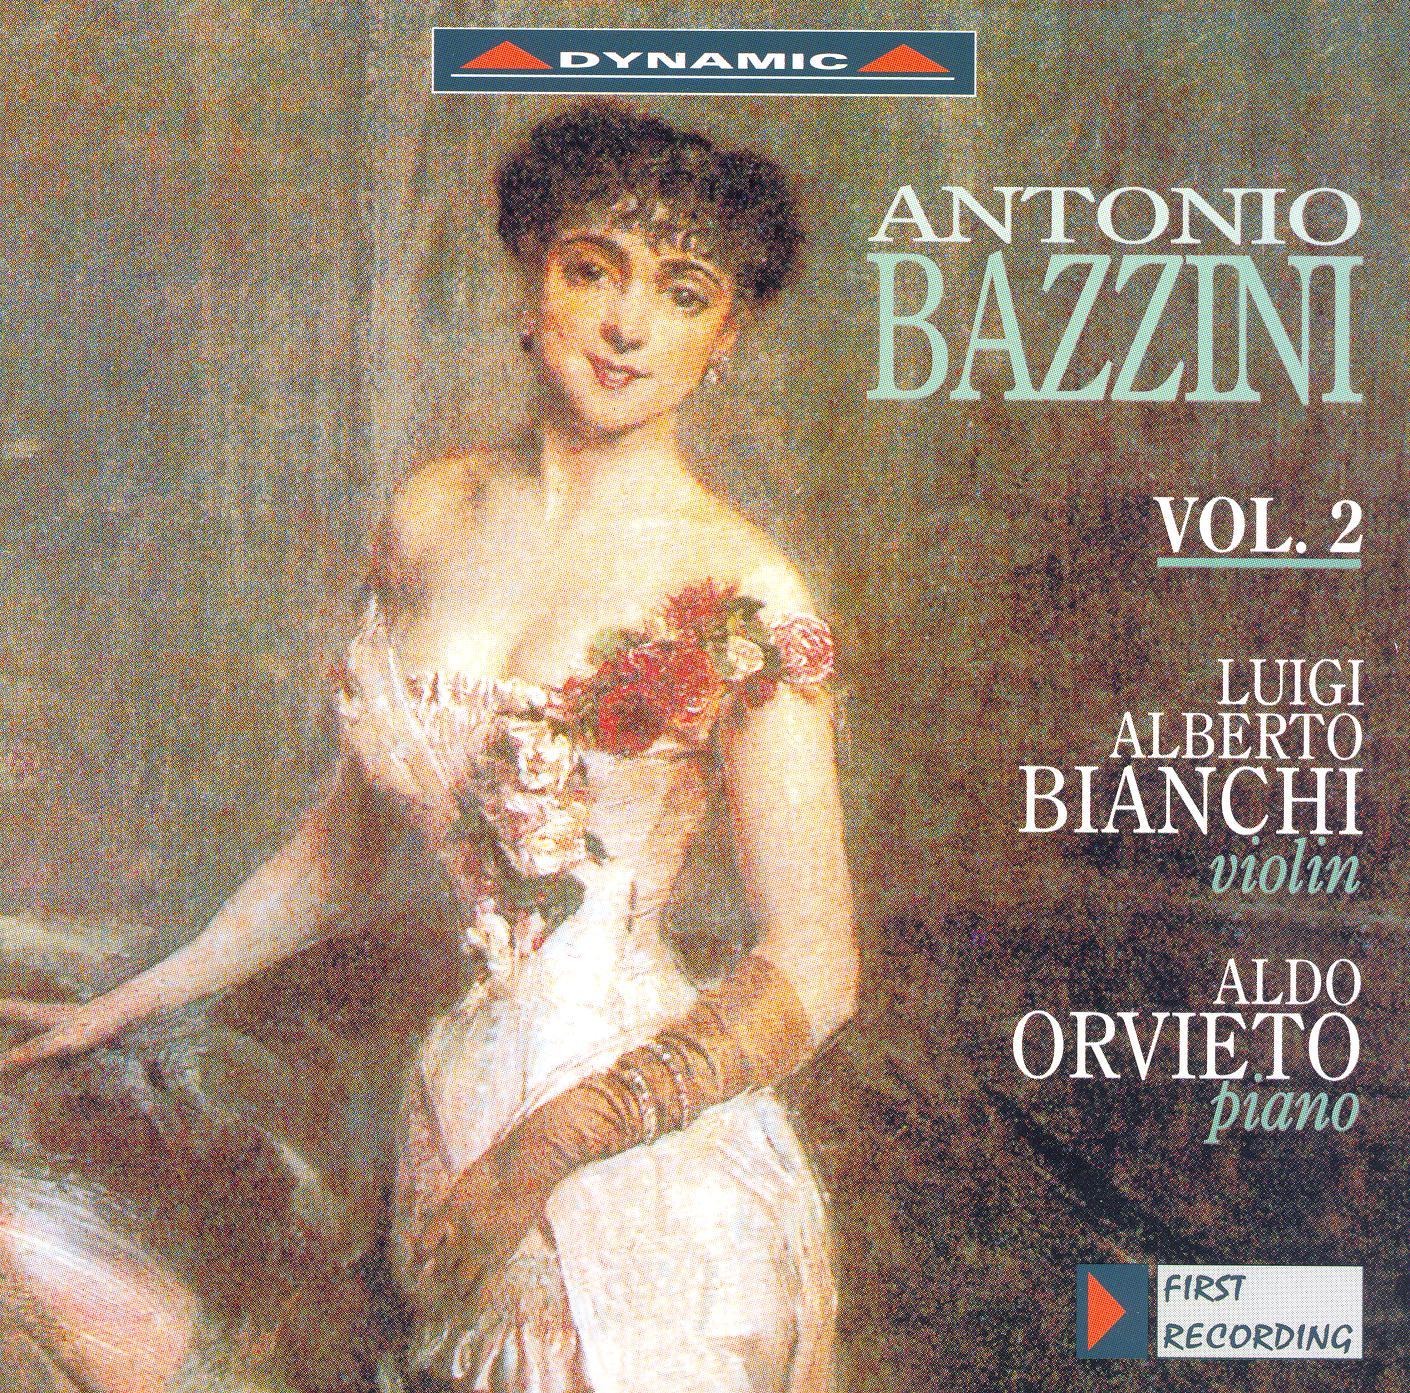 Bazzini: Works for Violin and Piano, Vol. 2